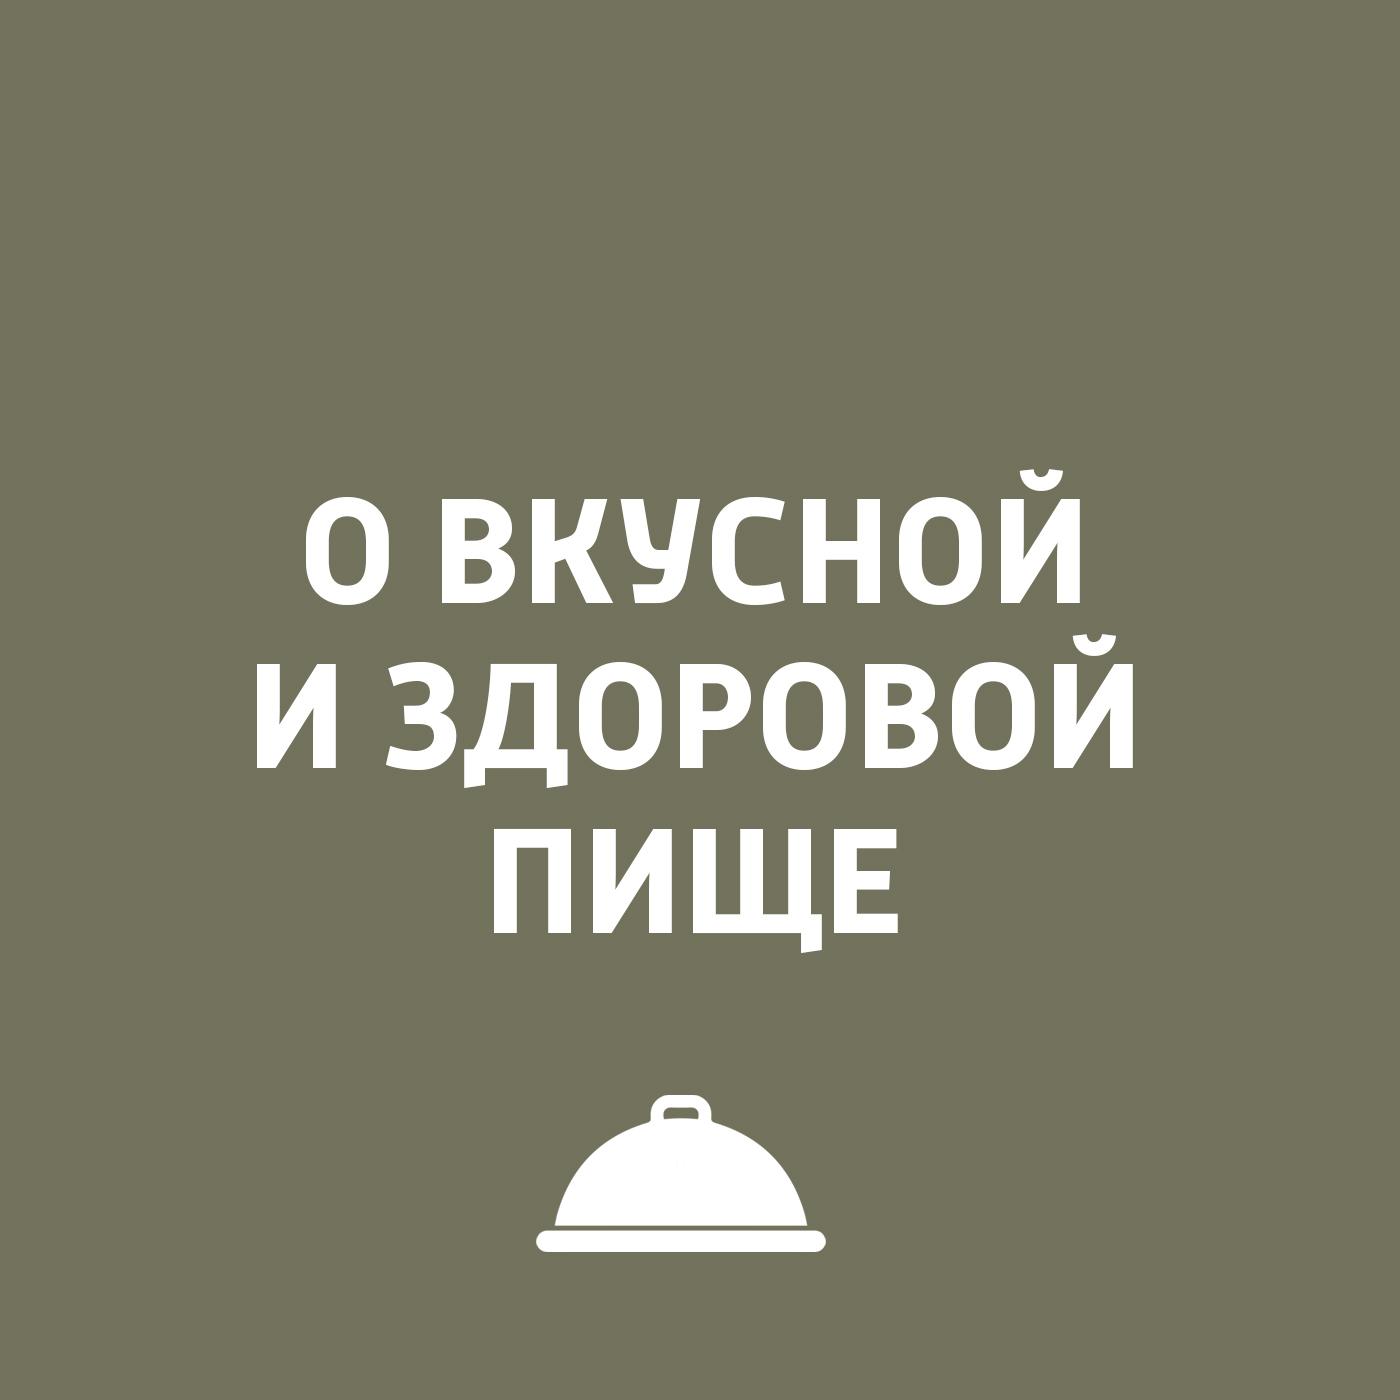 Игорь Ружейников Сибирская кухня игорь ружейников что такое высокая кухня и с чем её едят